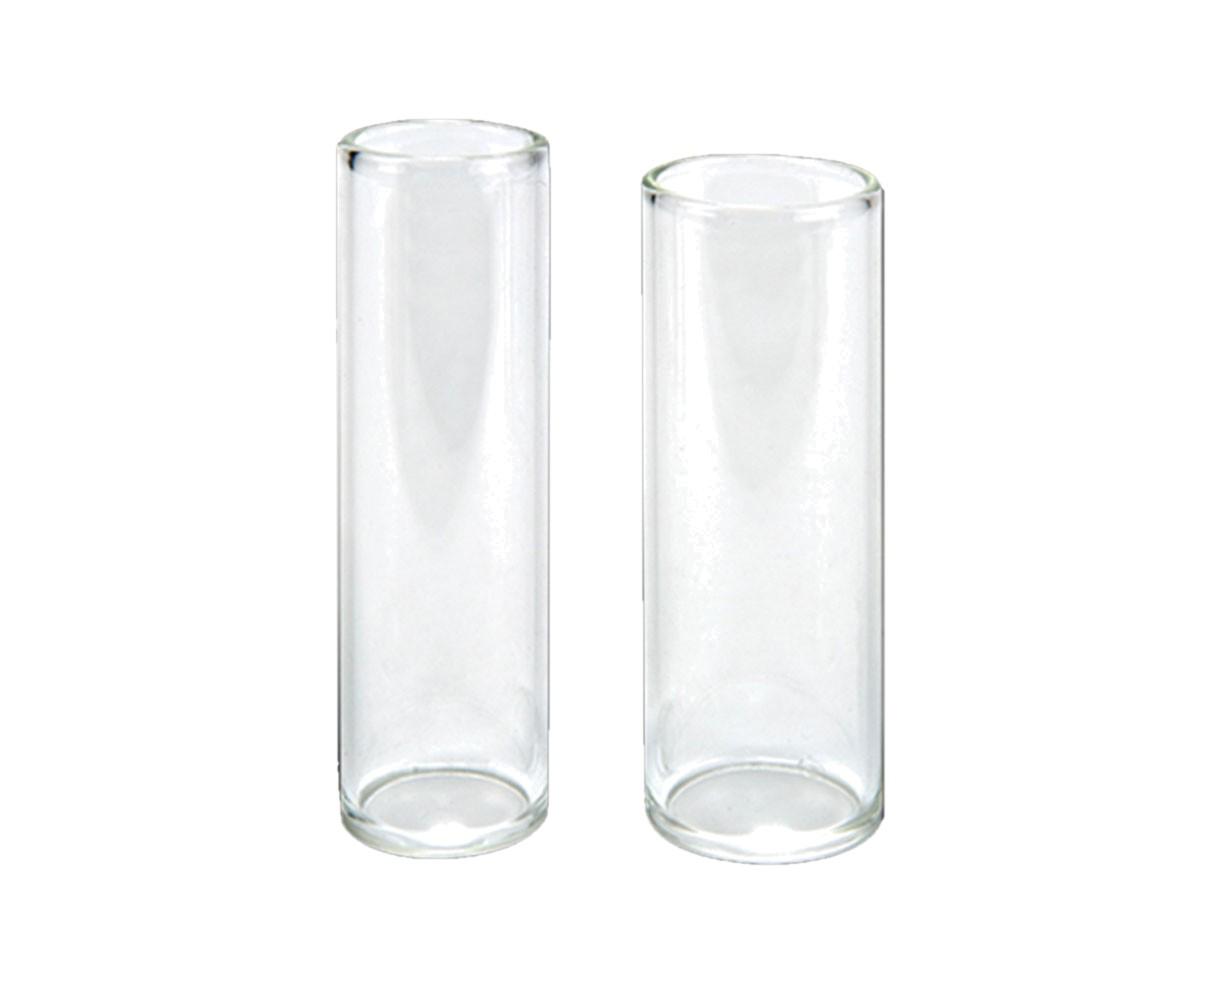 Dunlop 202 Pyrex Glass Slide - Medium